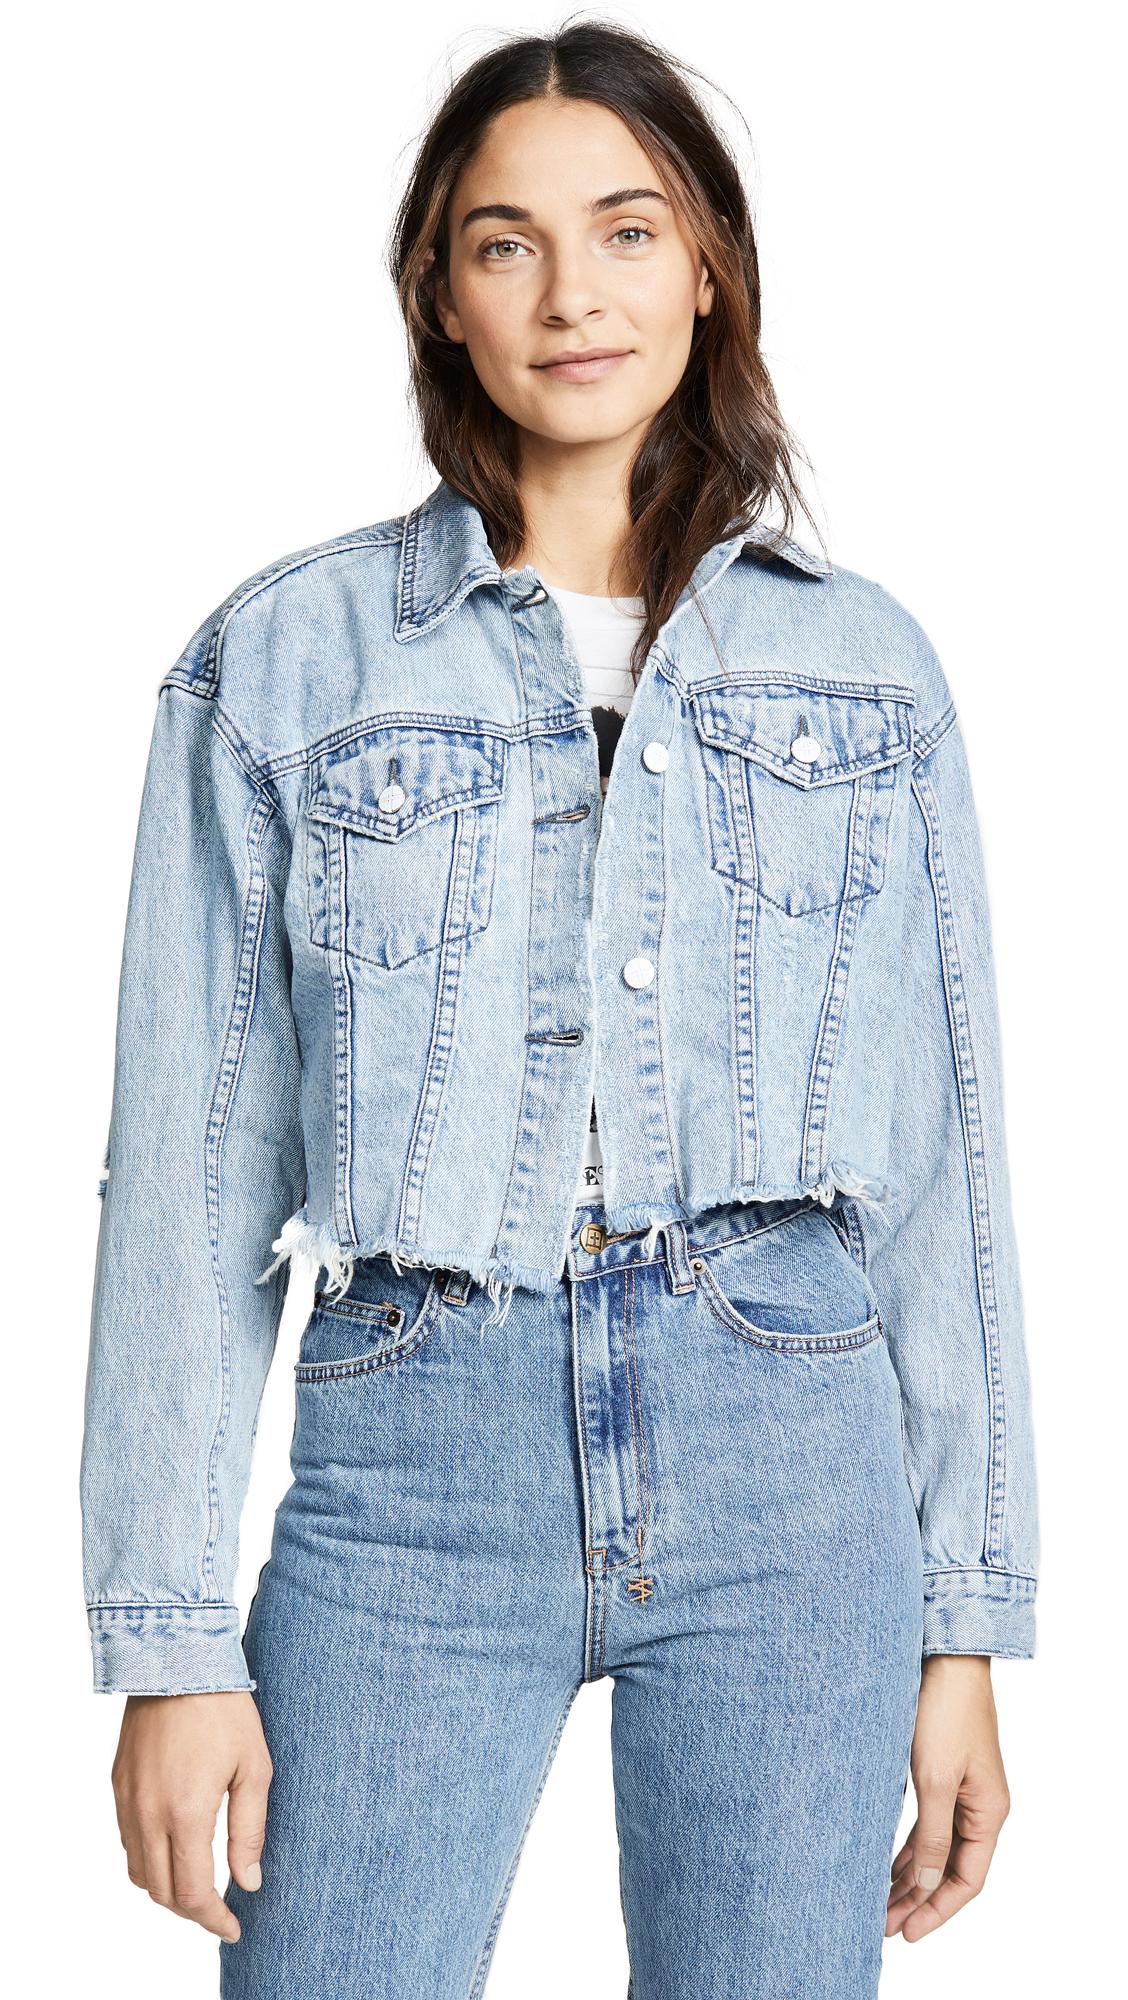 Ksubi Daggerz Crop Jacket